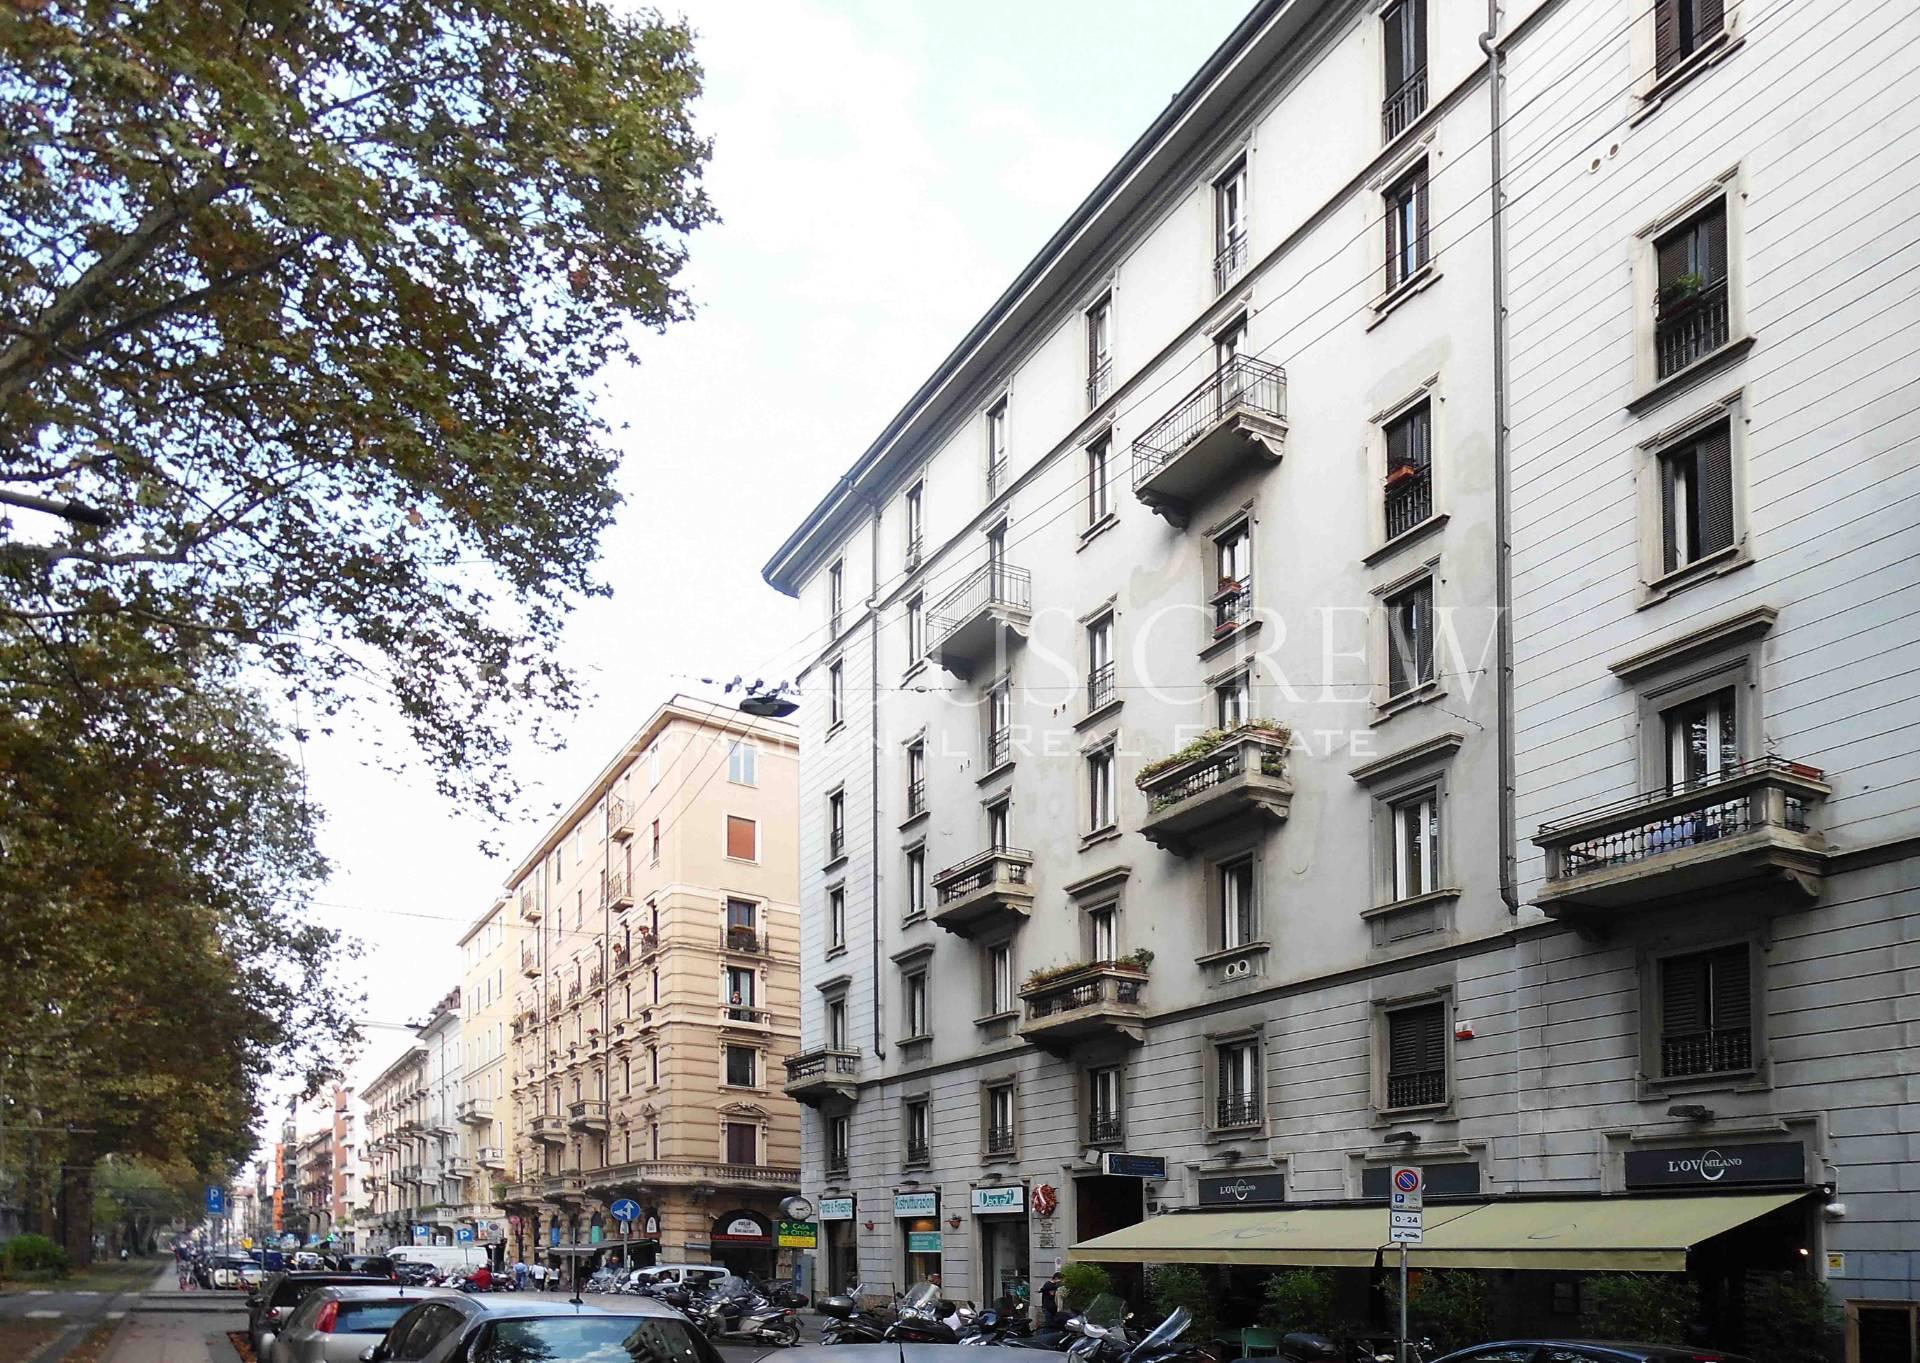 Ufficio-studio in Affitto a Milano:  5 locali, 150 mq  - Foto 1